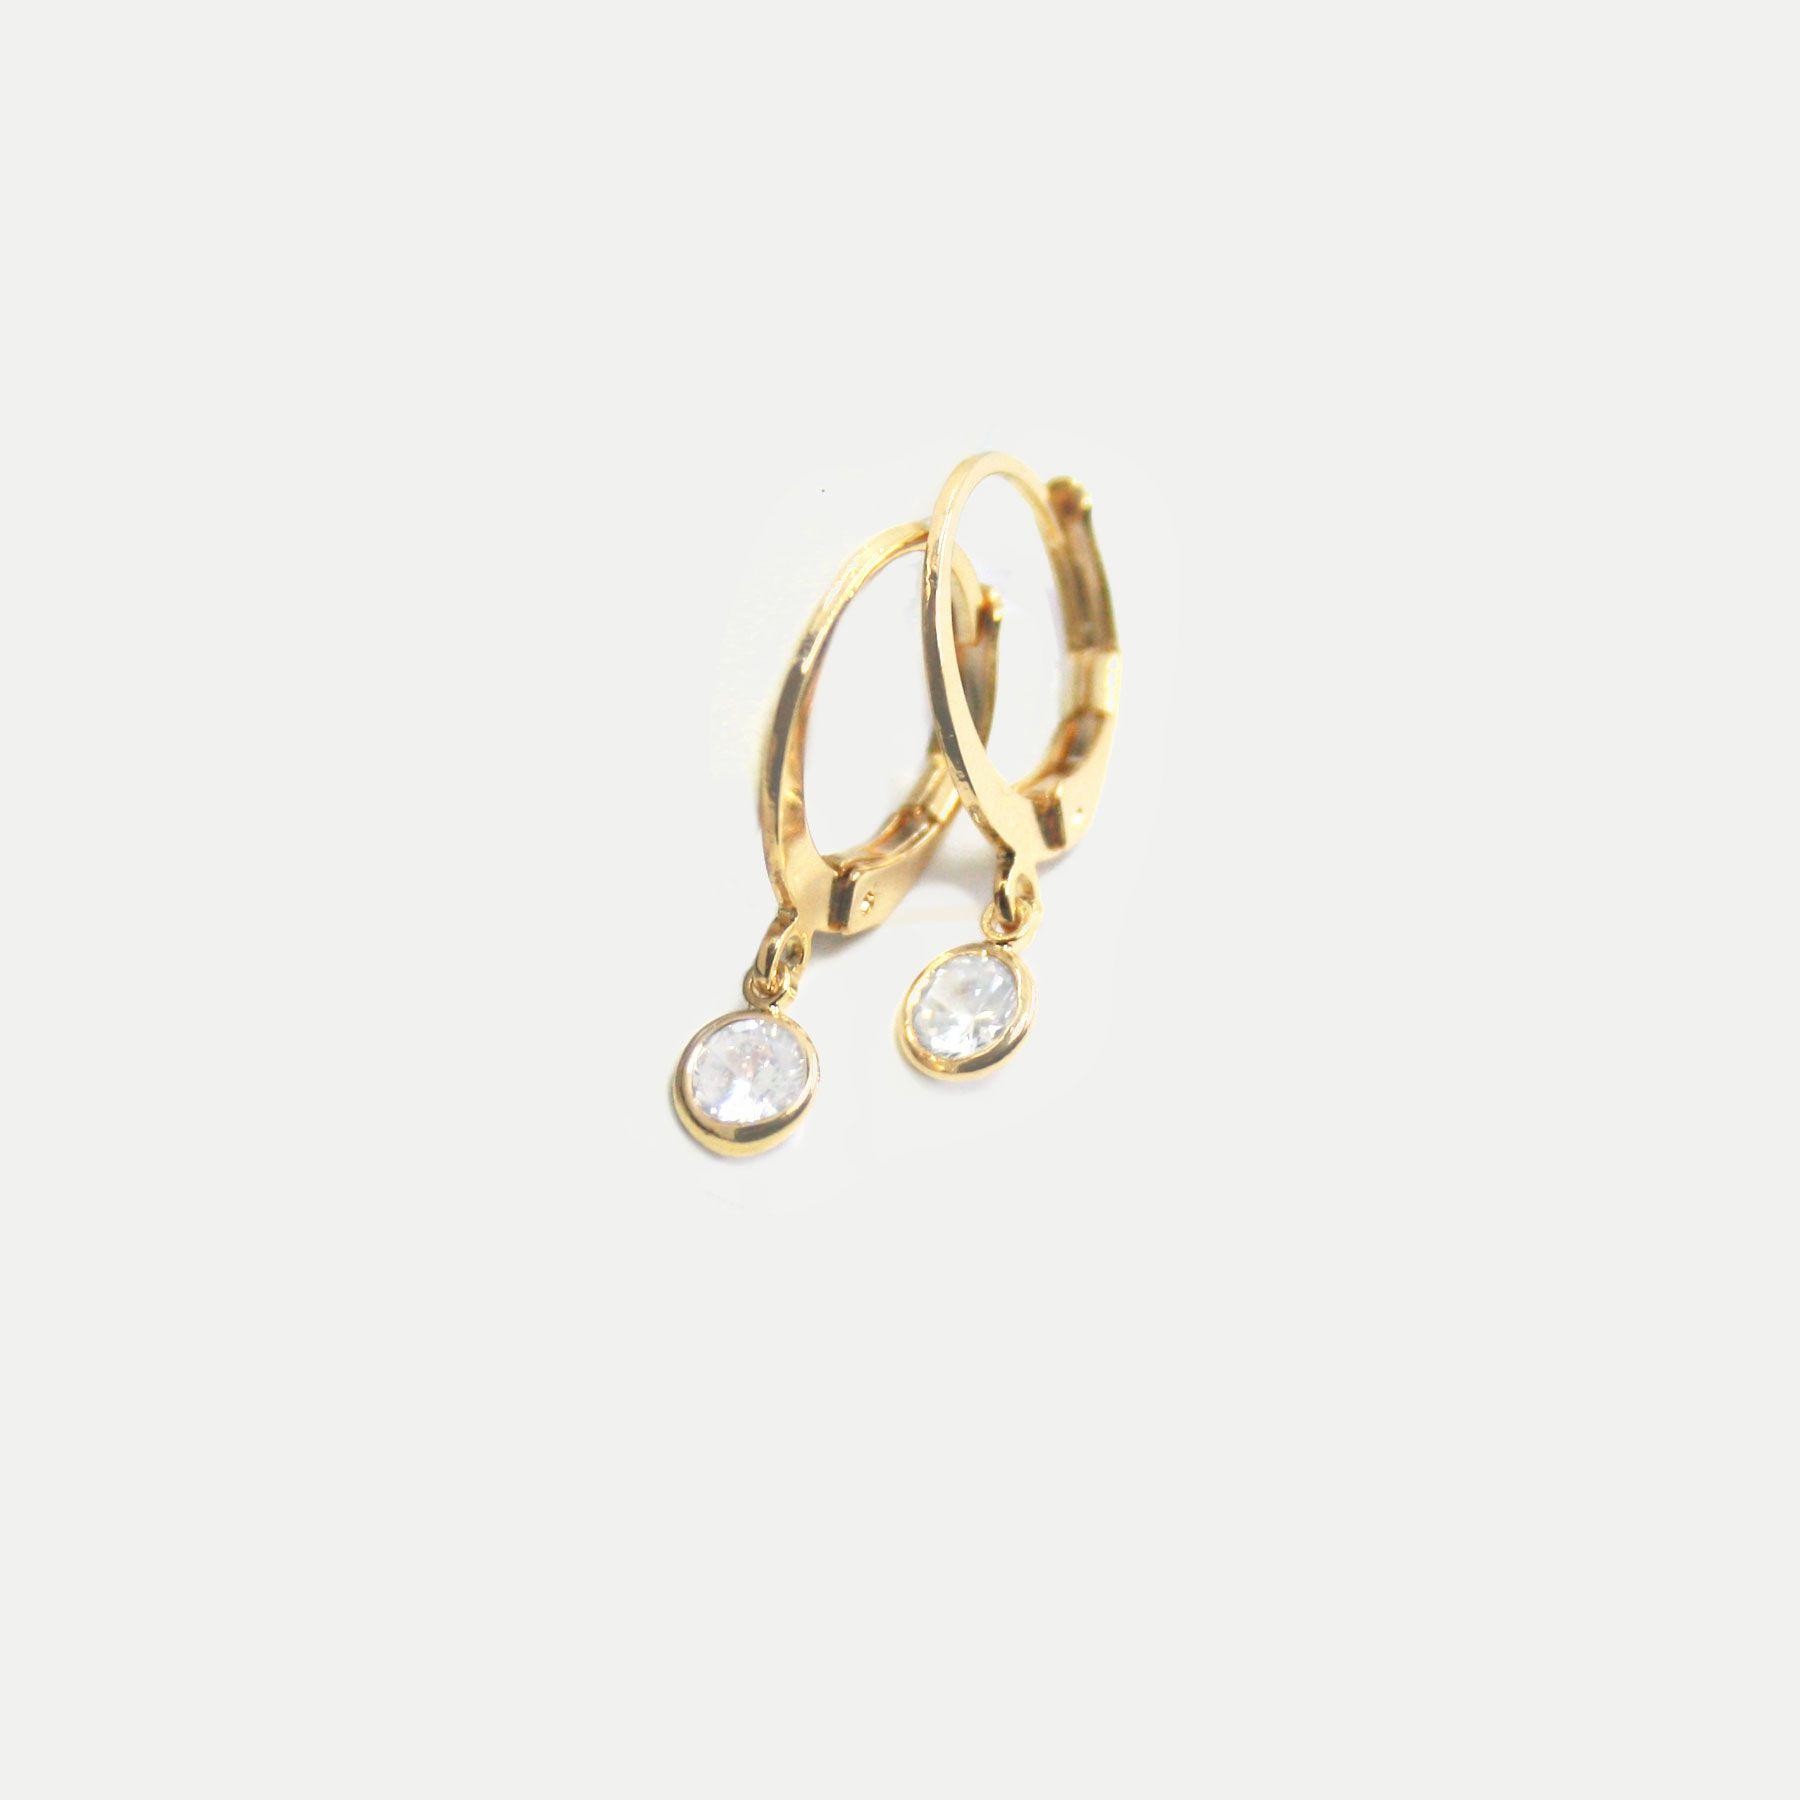 Argolinha com Pingente de Zircônia Banhada em Ouro 18k